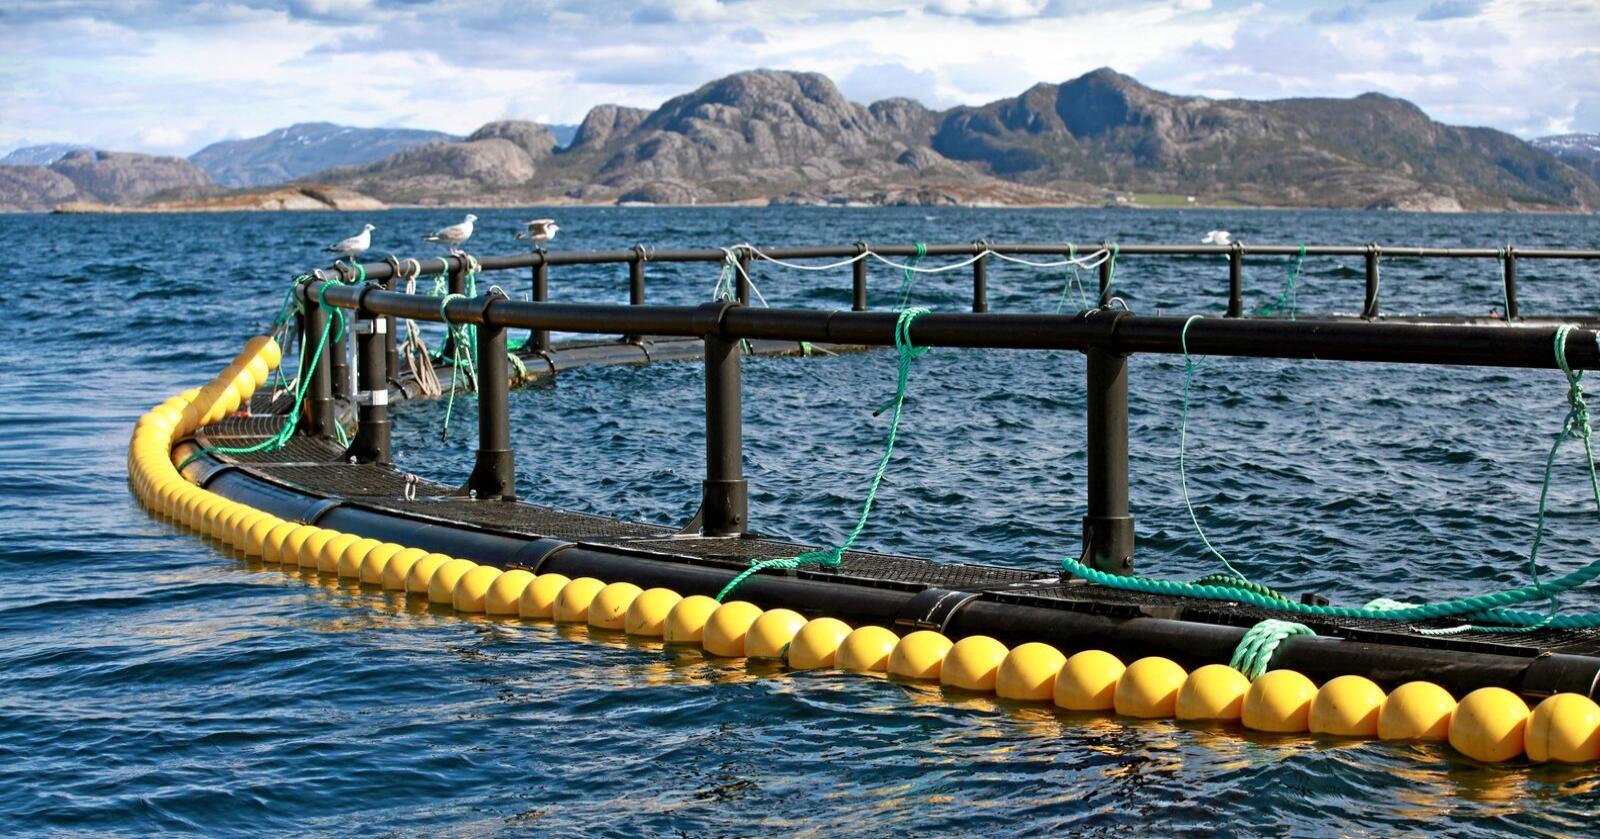 Høyre i Nord-Norge har vist lederskap i en sak som er svært viktig for mange kystkommuner, skriver Bård Ludvig Thorheim. Foto: Mostphotos